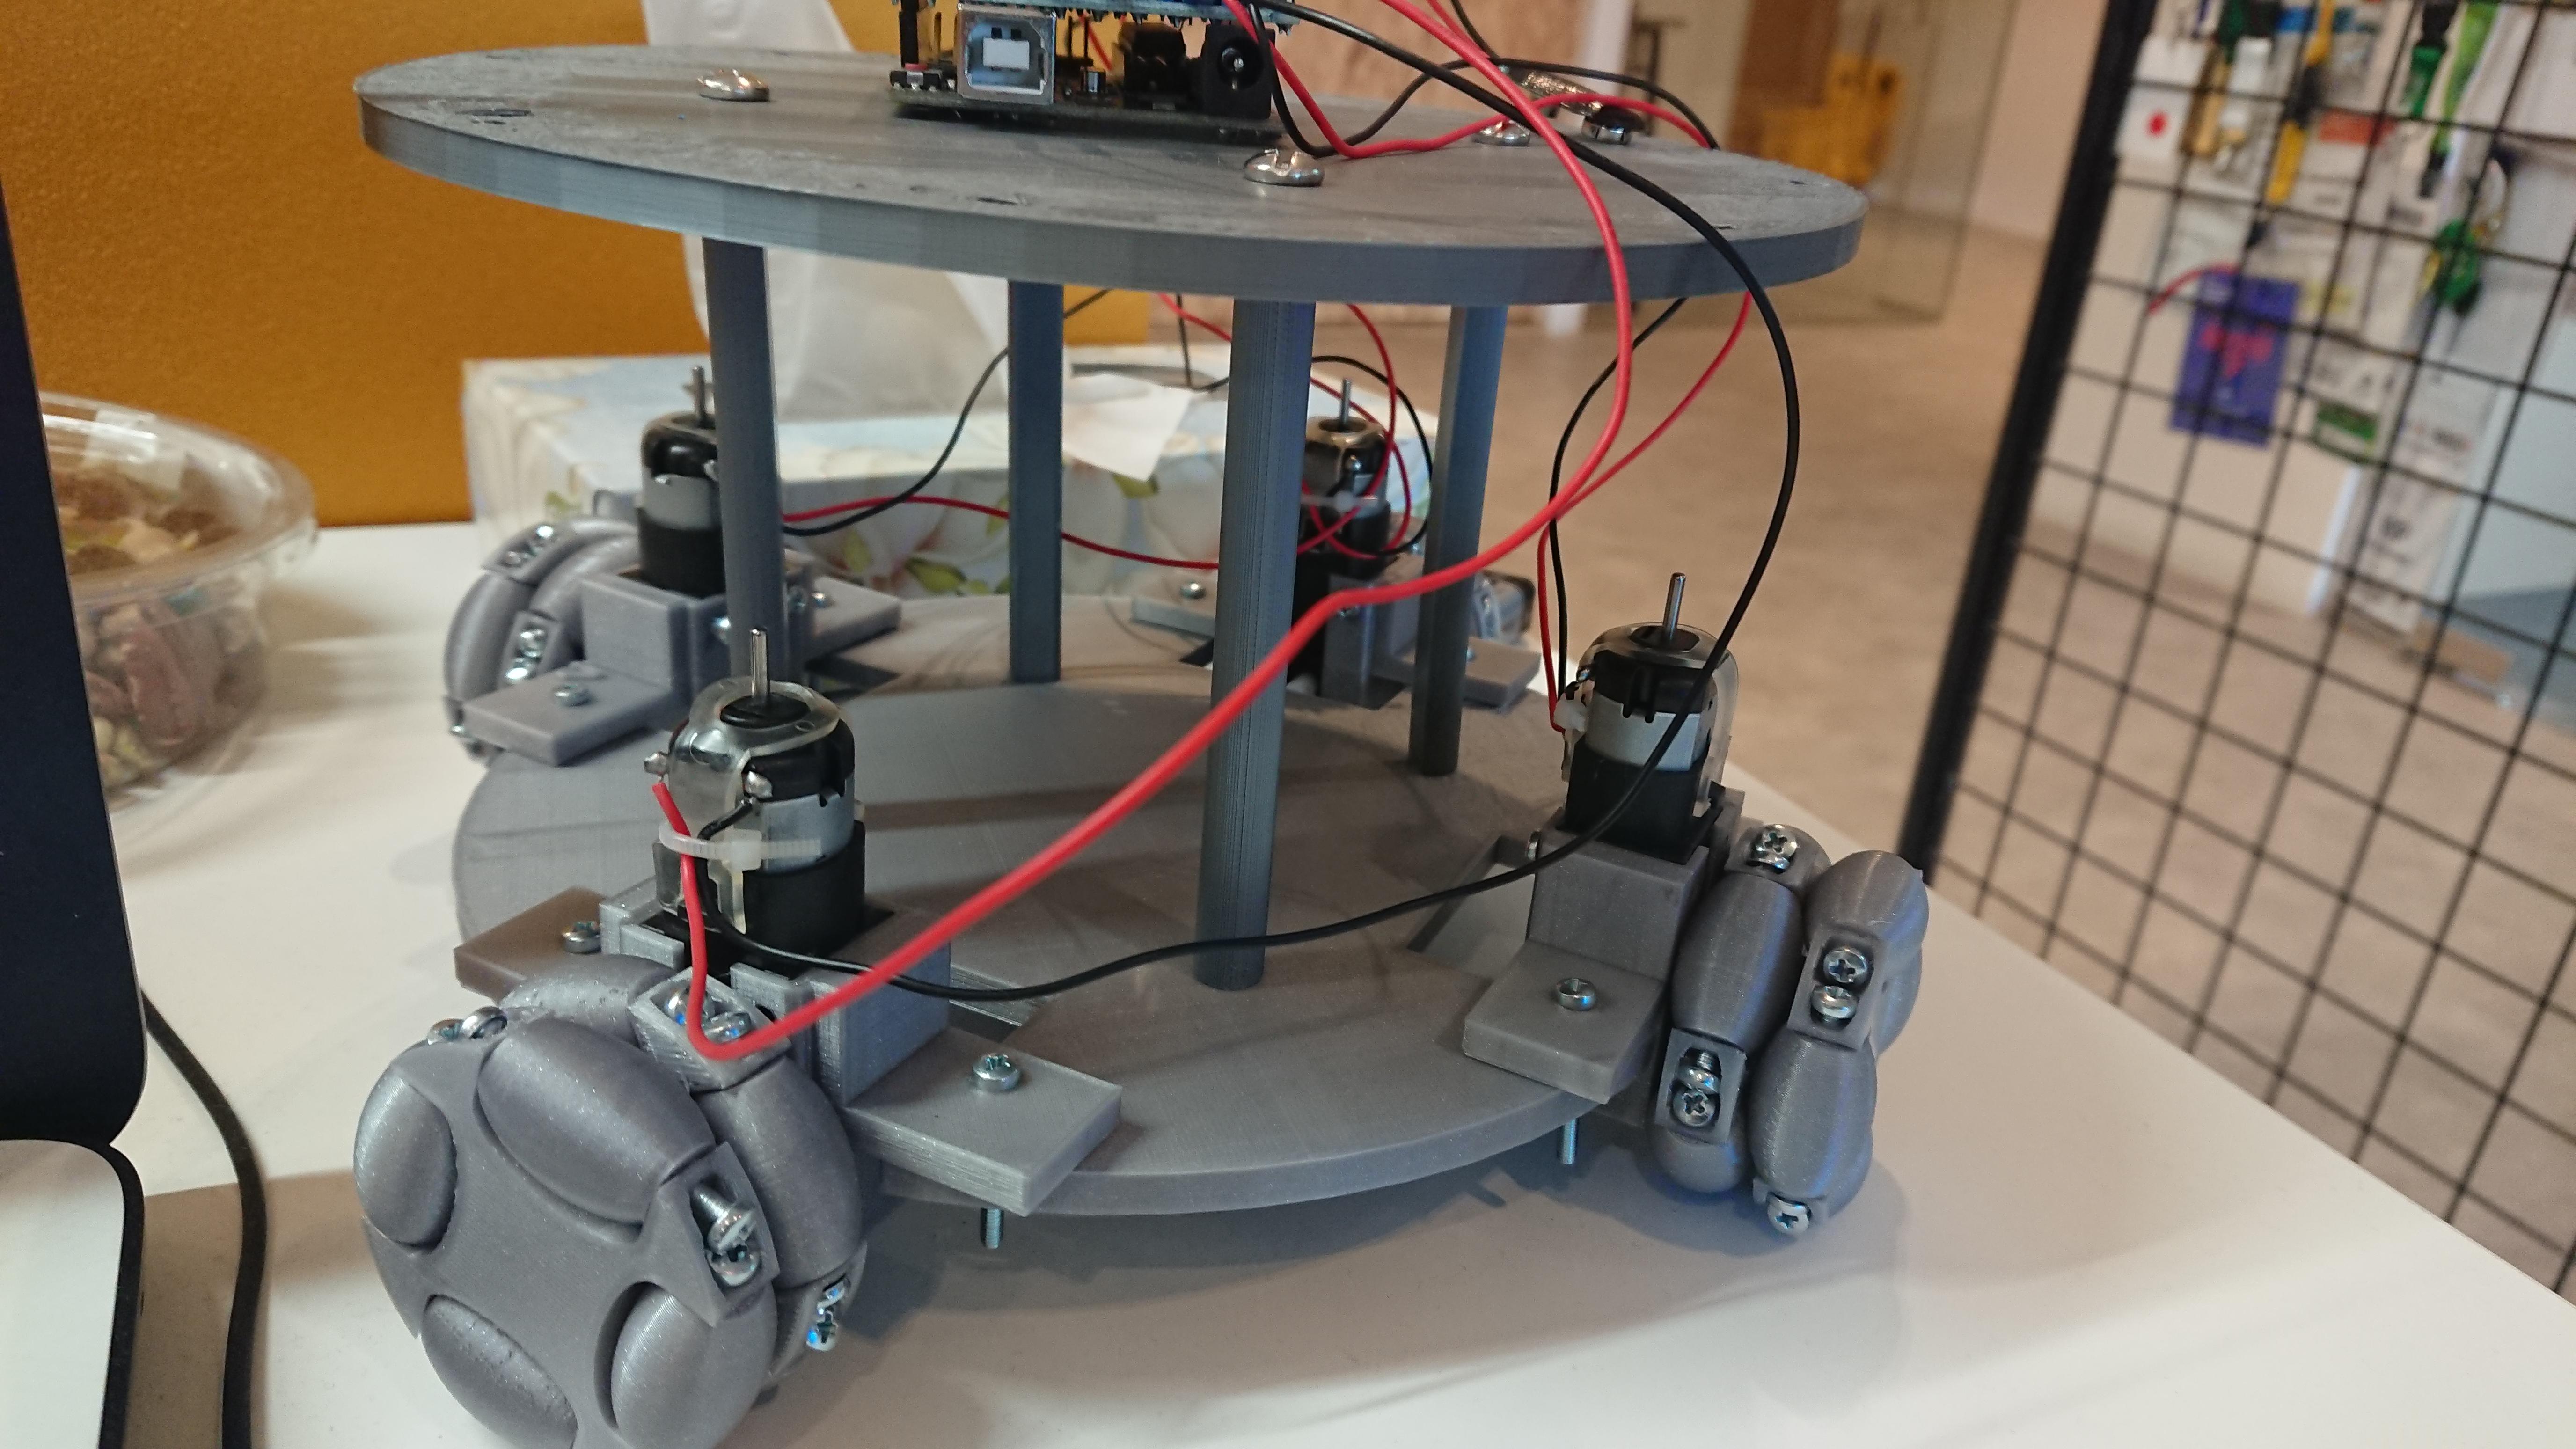 روبوت مصنّع بطابعة ثلاثية الأبعاد